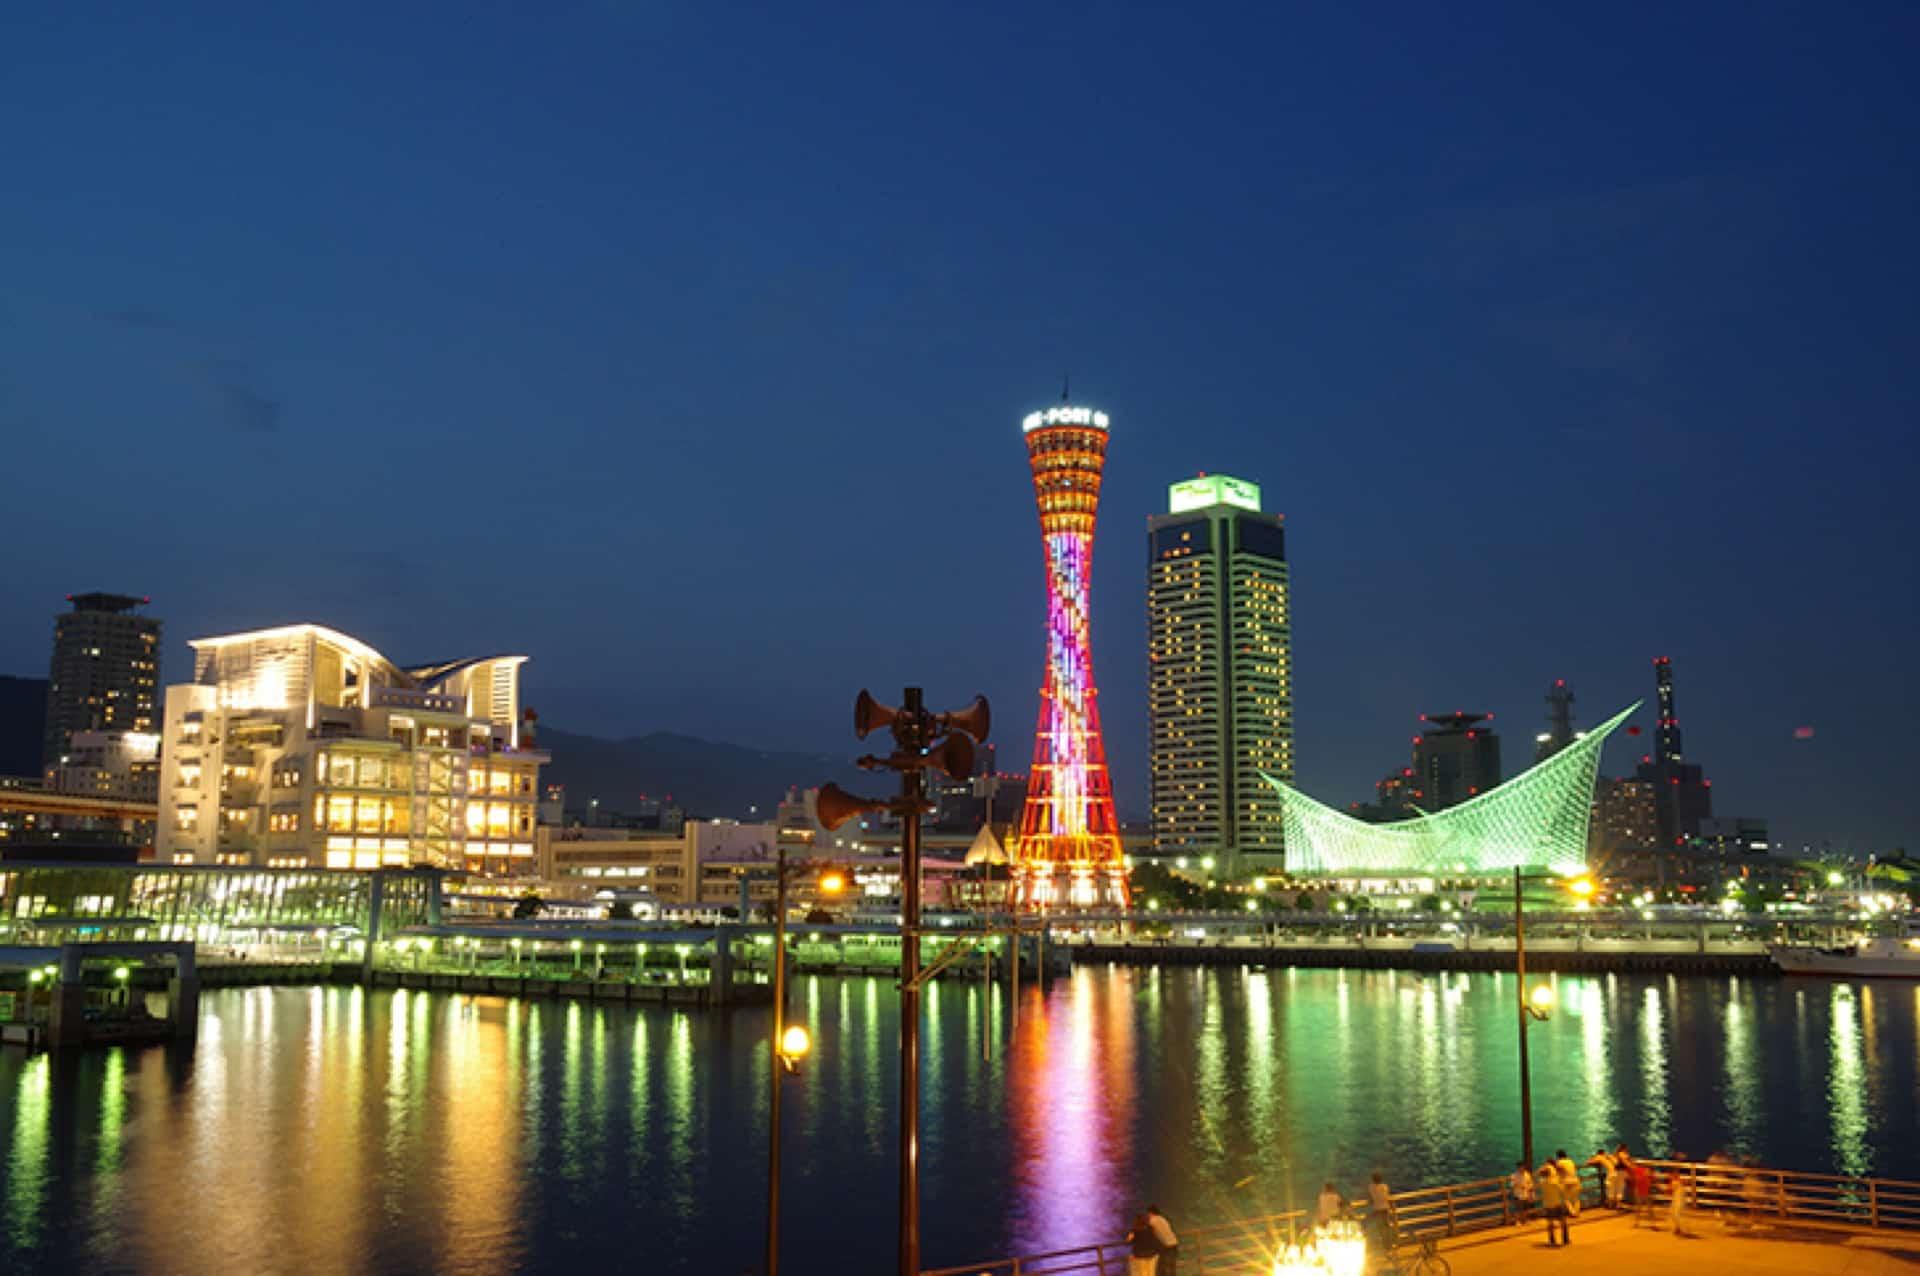 神戸に来るあなたへ。目的別に選ぶ!神戸のおすすめ人気ホテル27選